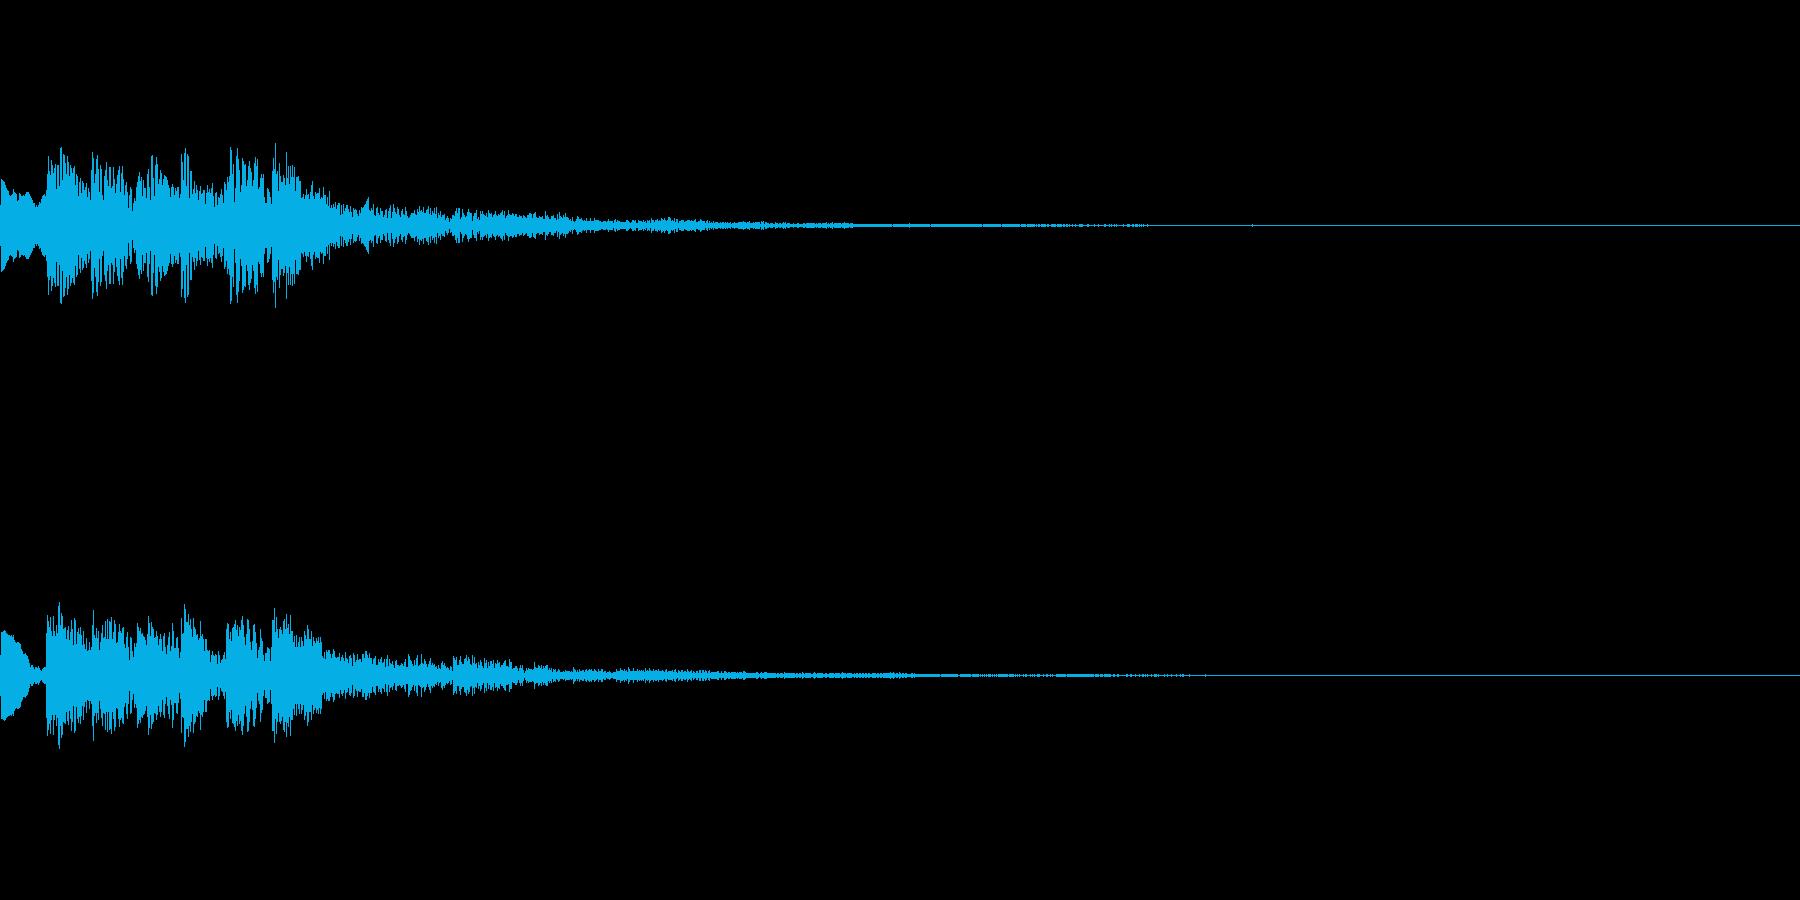 効果音【スタート・獲得・通知・LvUp】の再生済みの波形